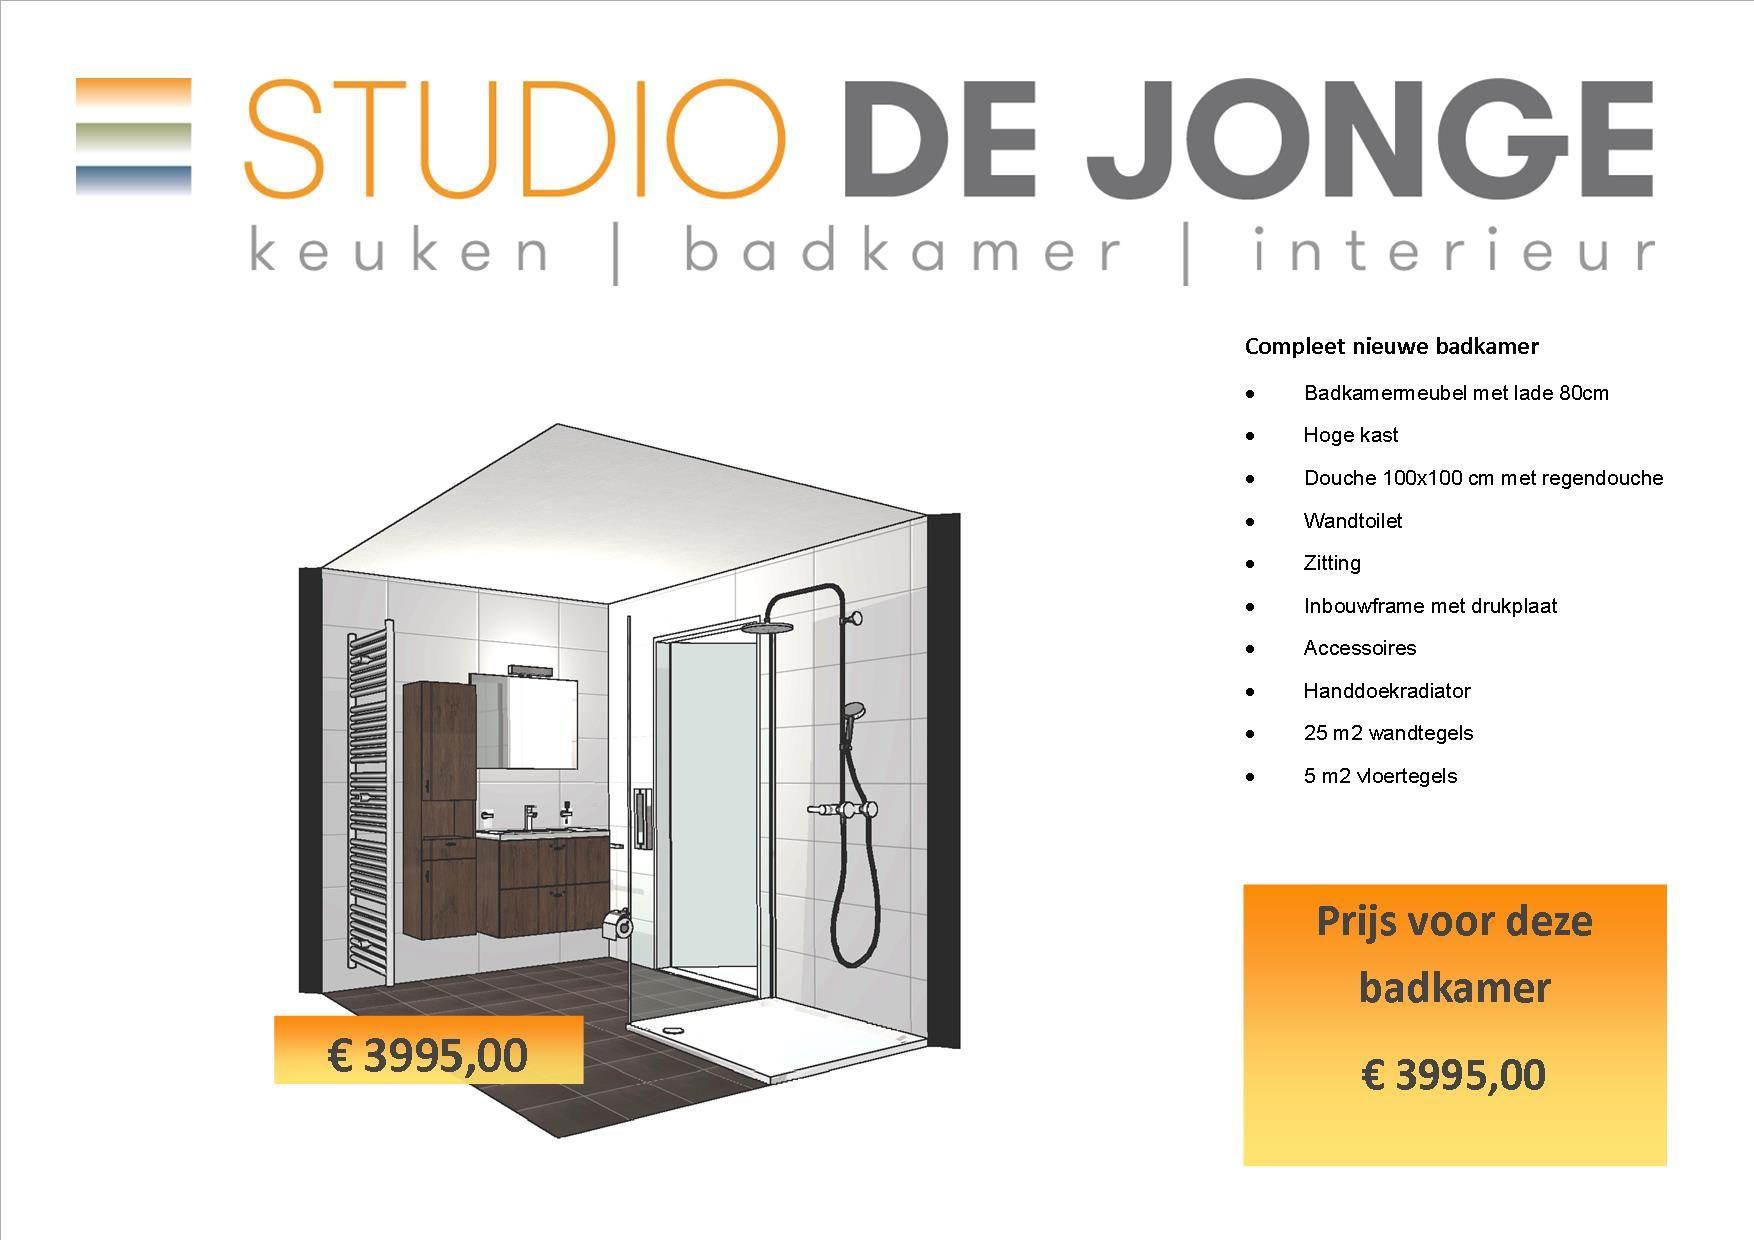 Showroom verkoop badkamer, keuken, kasten en meer